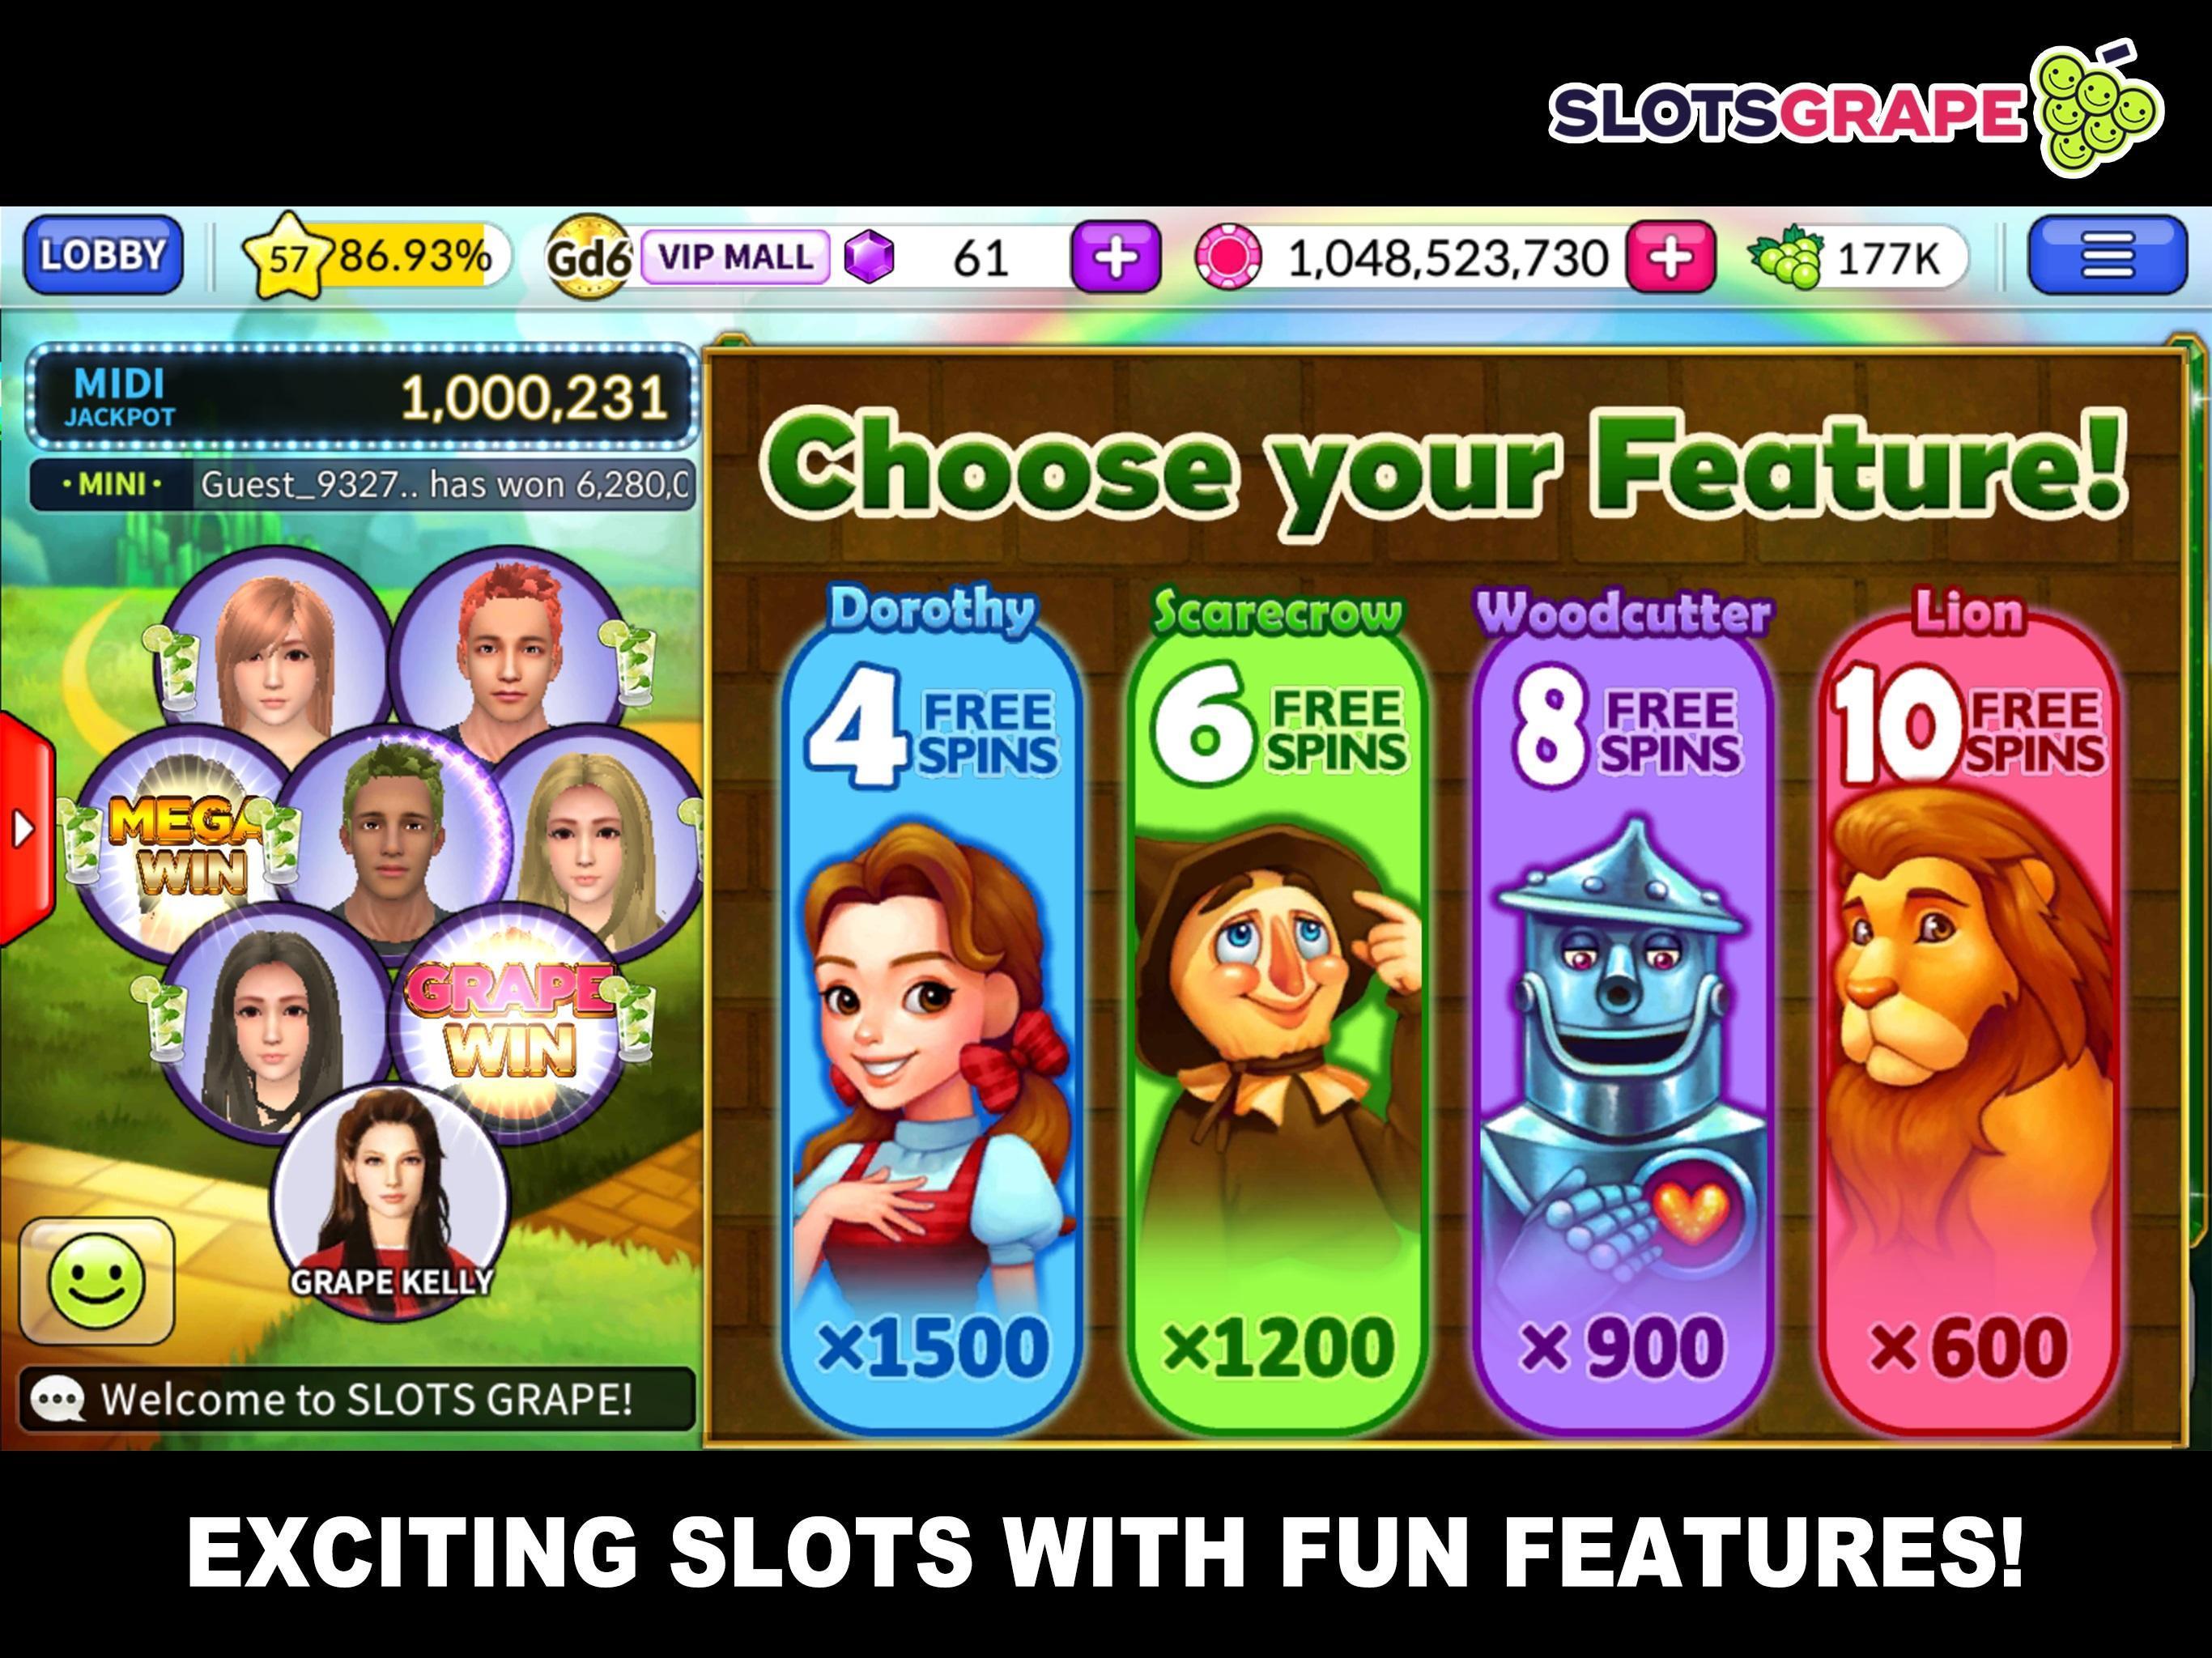 SLOTS GRAPE Free Slots and Table Games 1.0.78 Screenshot 2